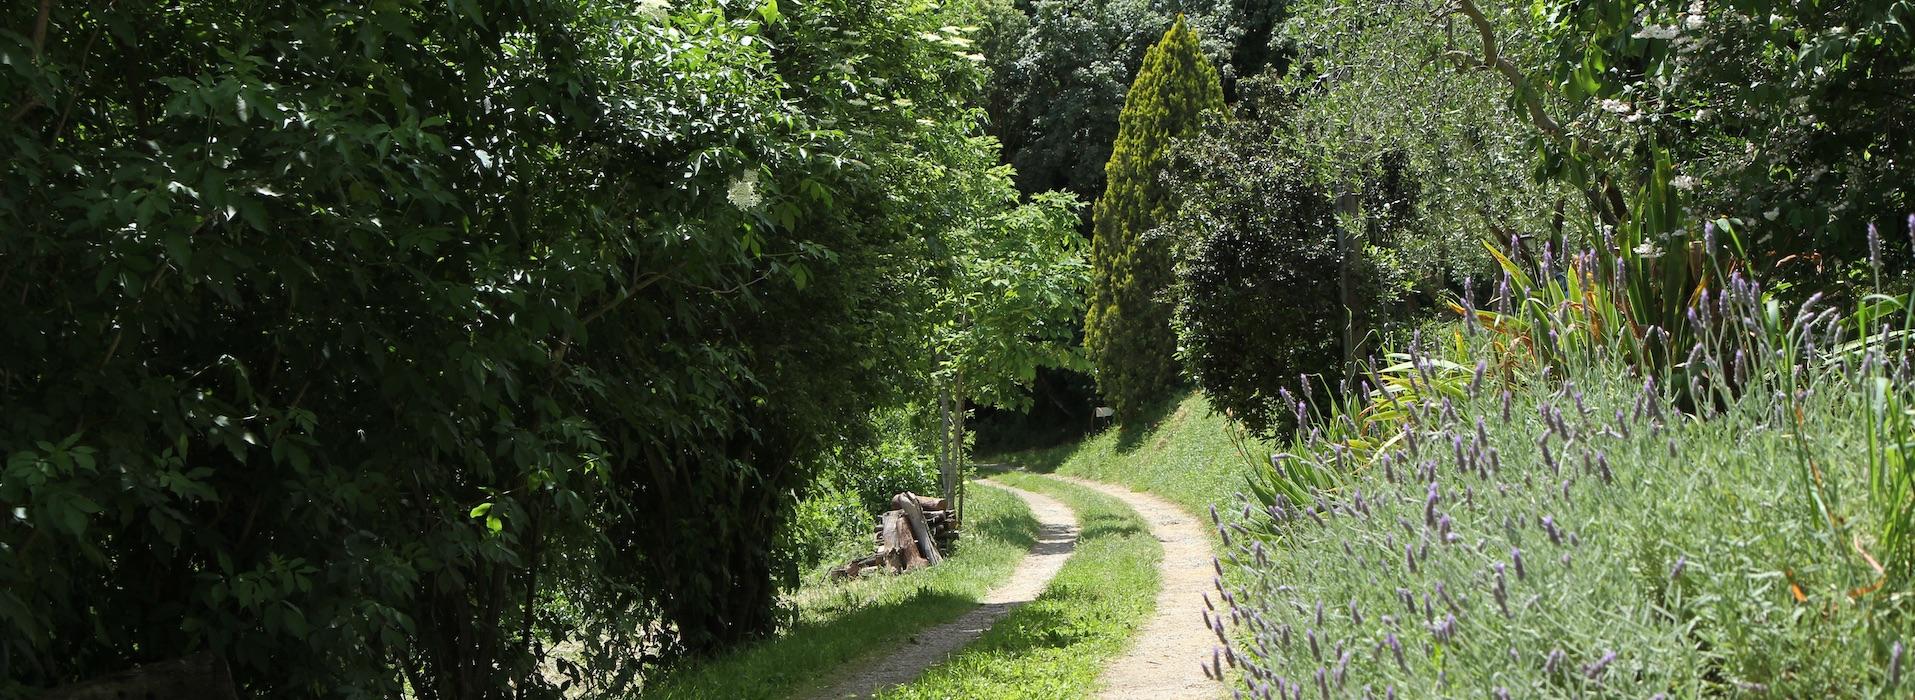 Strada di ingresso al Podere Porcino di Castiglione in Teverina con cespuglio di lavanda